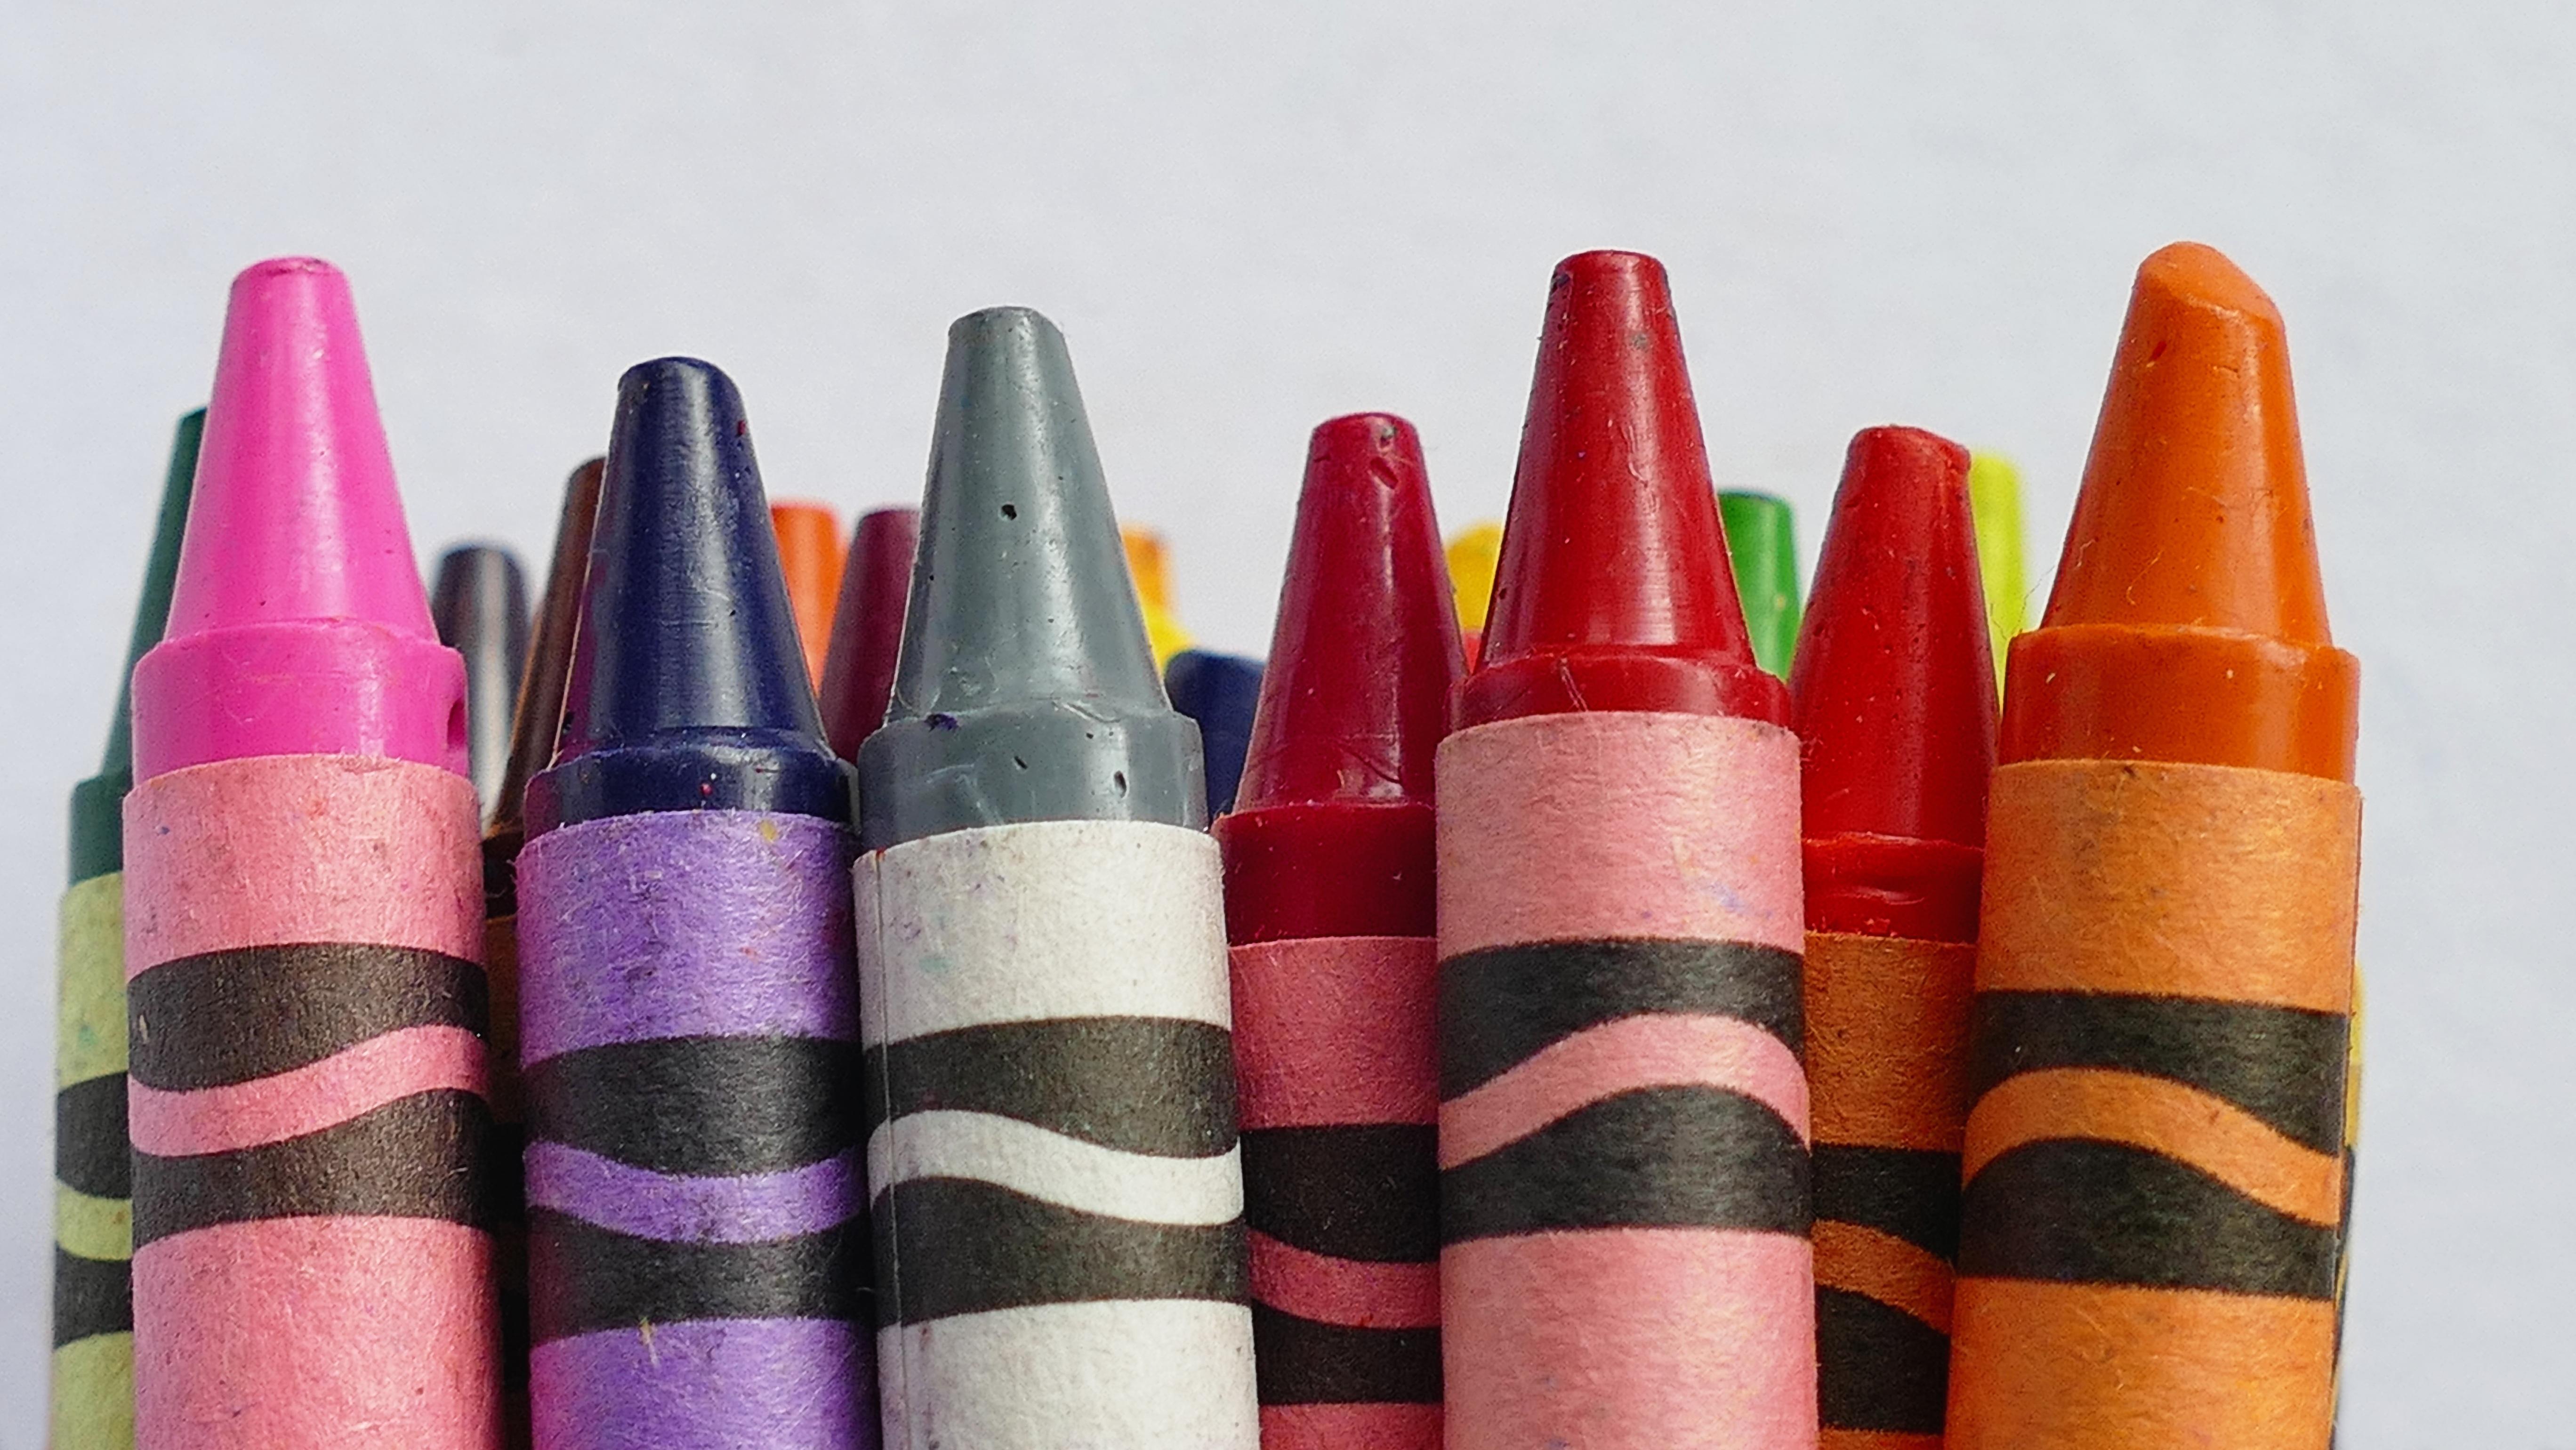 Gambar Pensil Kelompok Ungu Anak Jeruk Hijau Makro